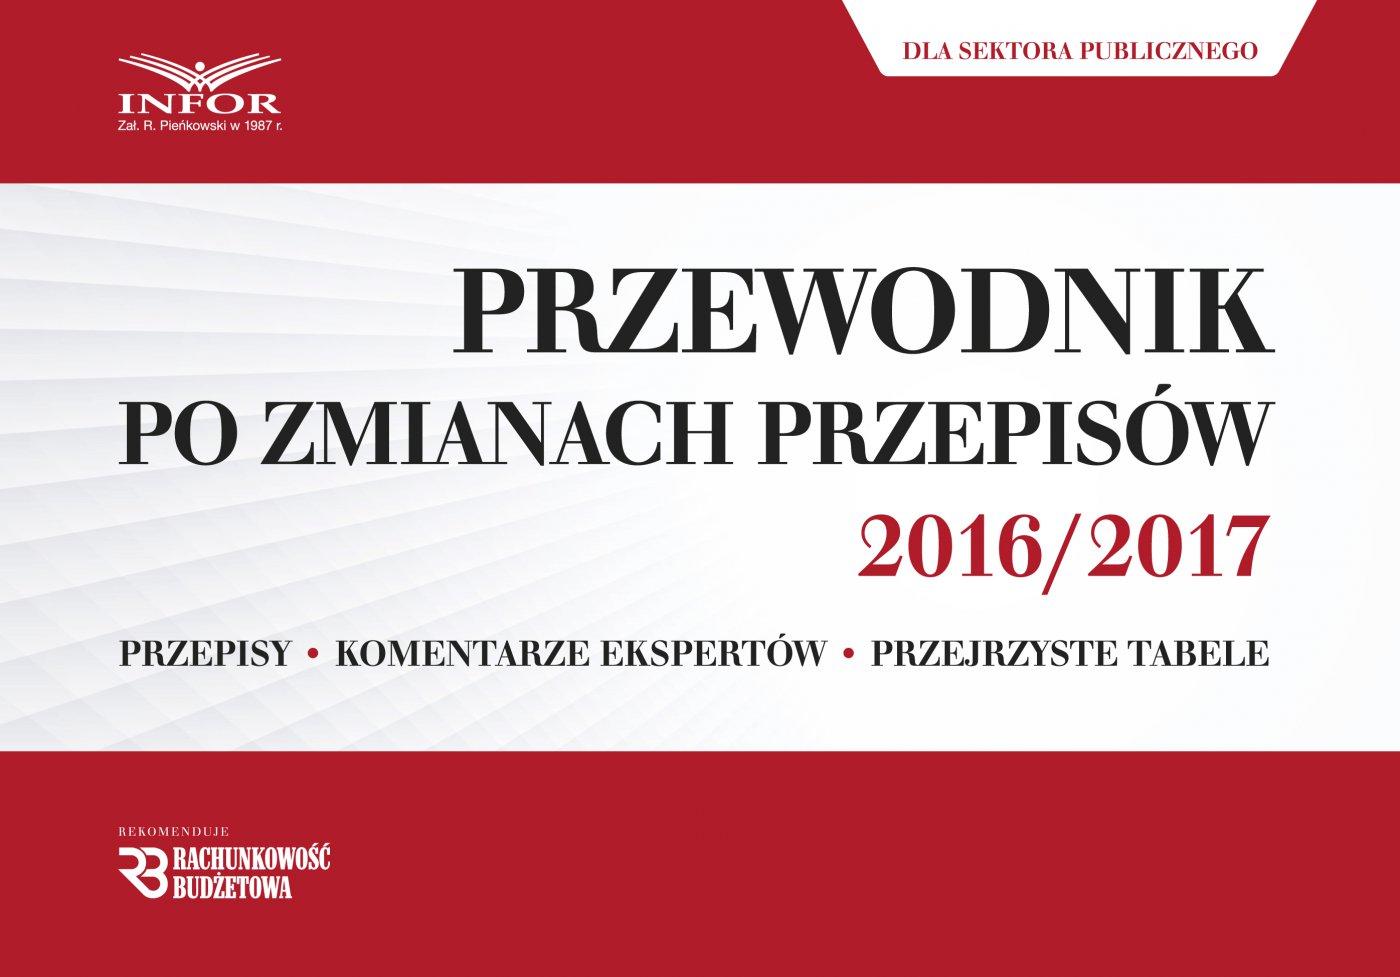 Przewodnik po zmianach przepisów 2016/2017 dla sektora publicznego - Ebook (Książka PDF) do pobrania w formacie PDF